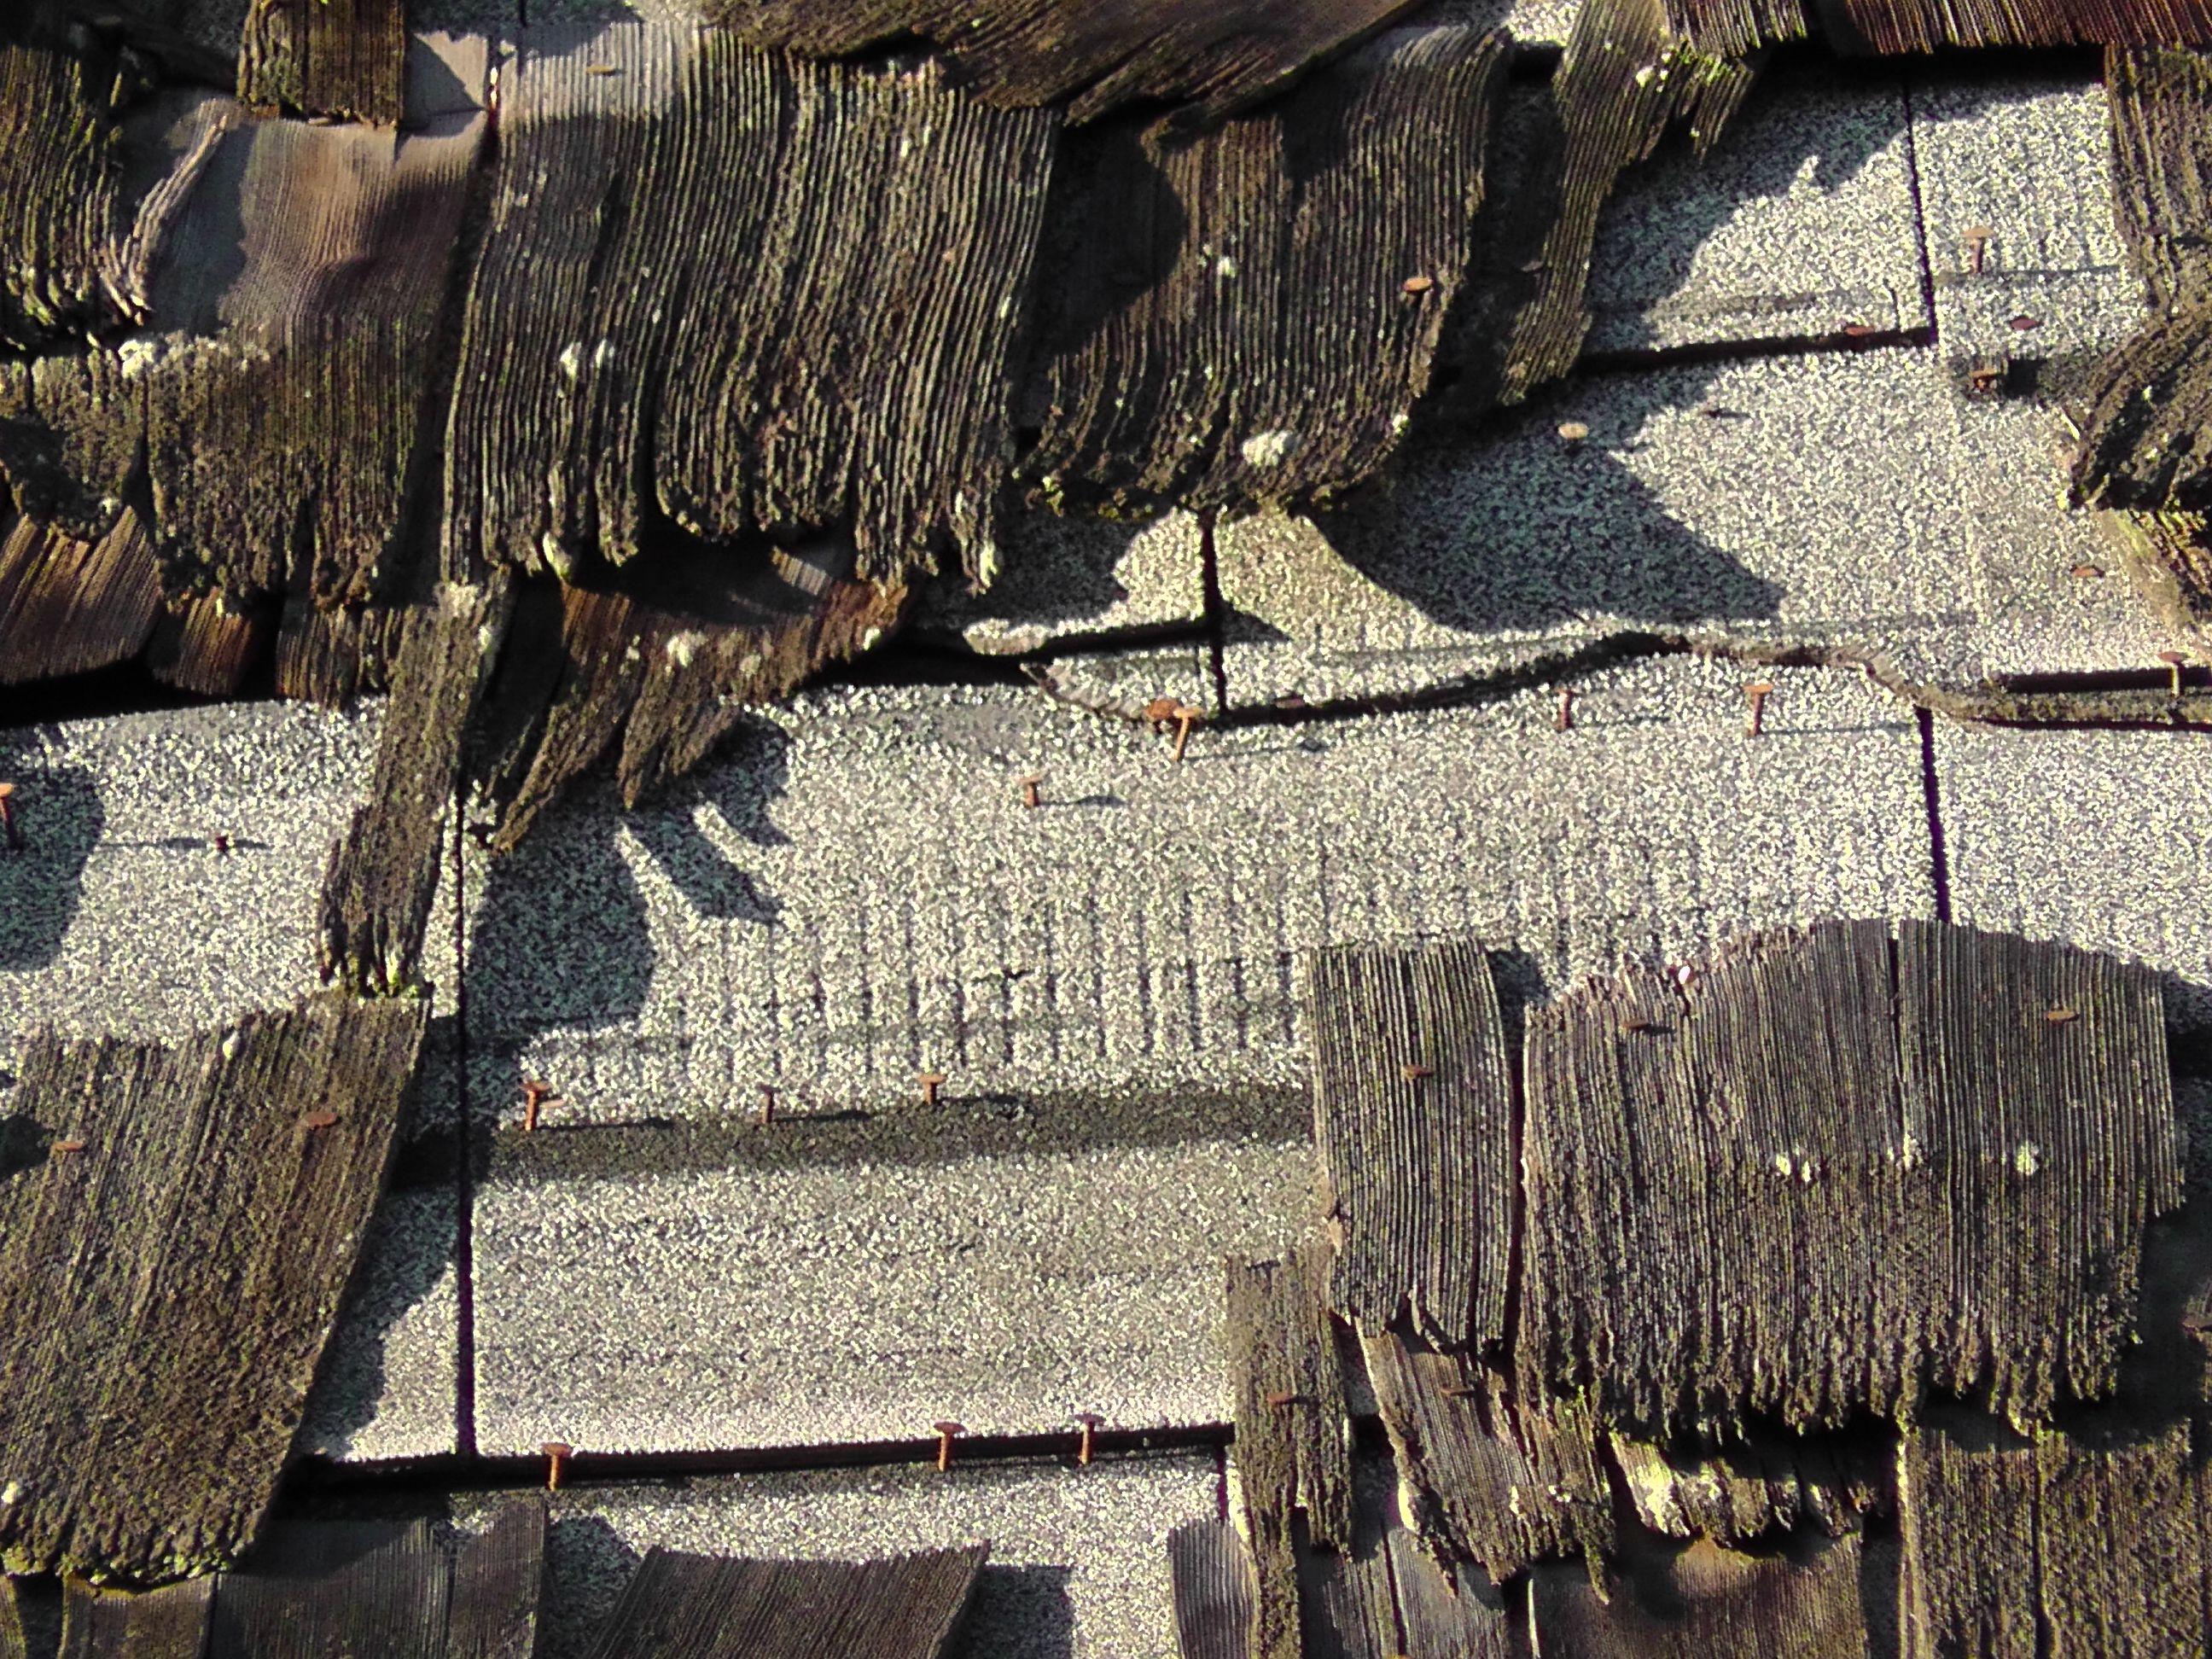 FileAsbestos Shingles 1.JPG Shingling, Asbestos, Like